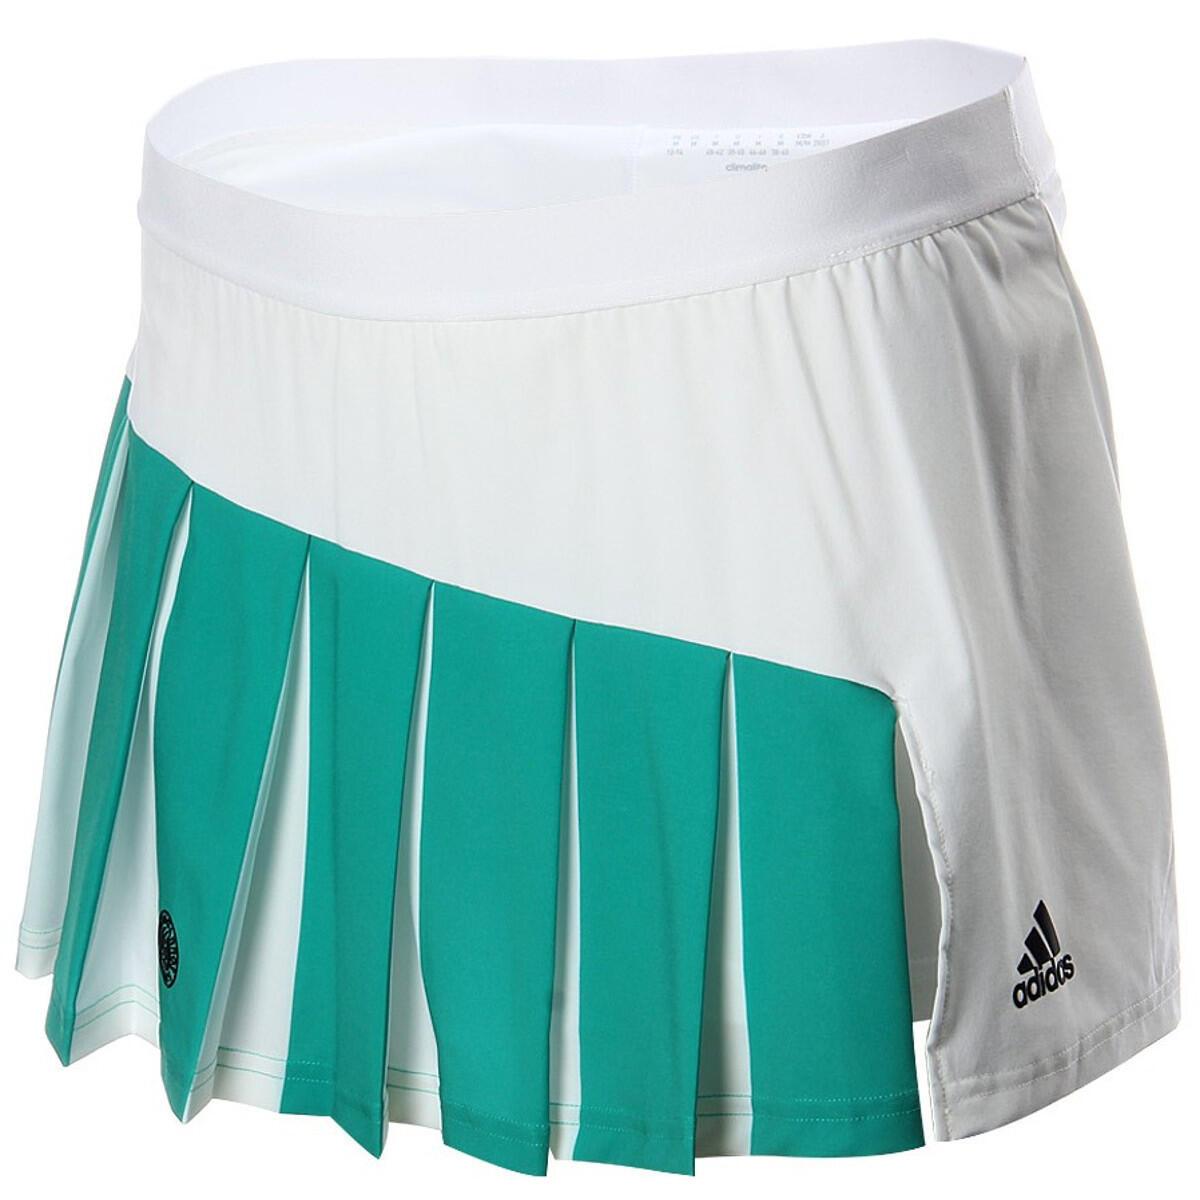 br2173-adidas-roland-garros-women-s-tennis-skirt-white-veraman